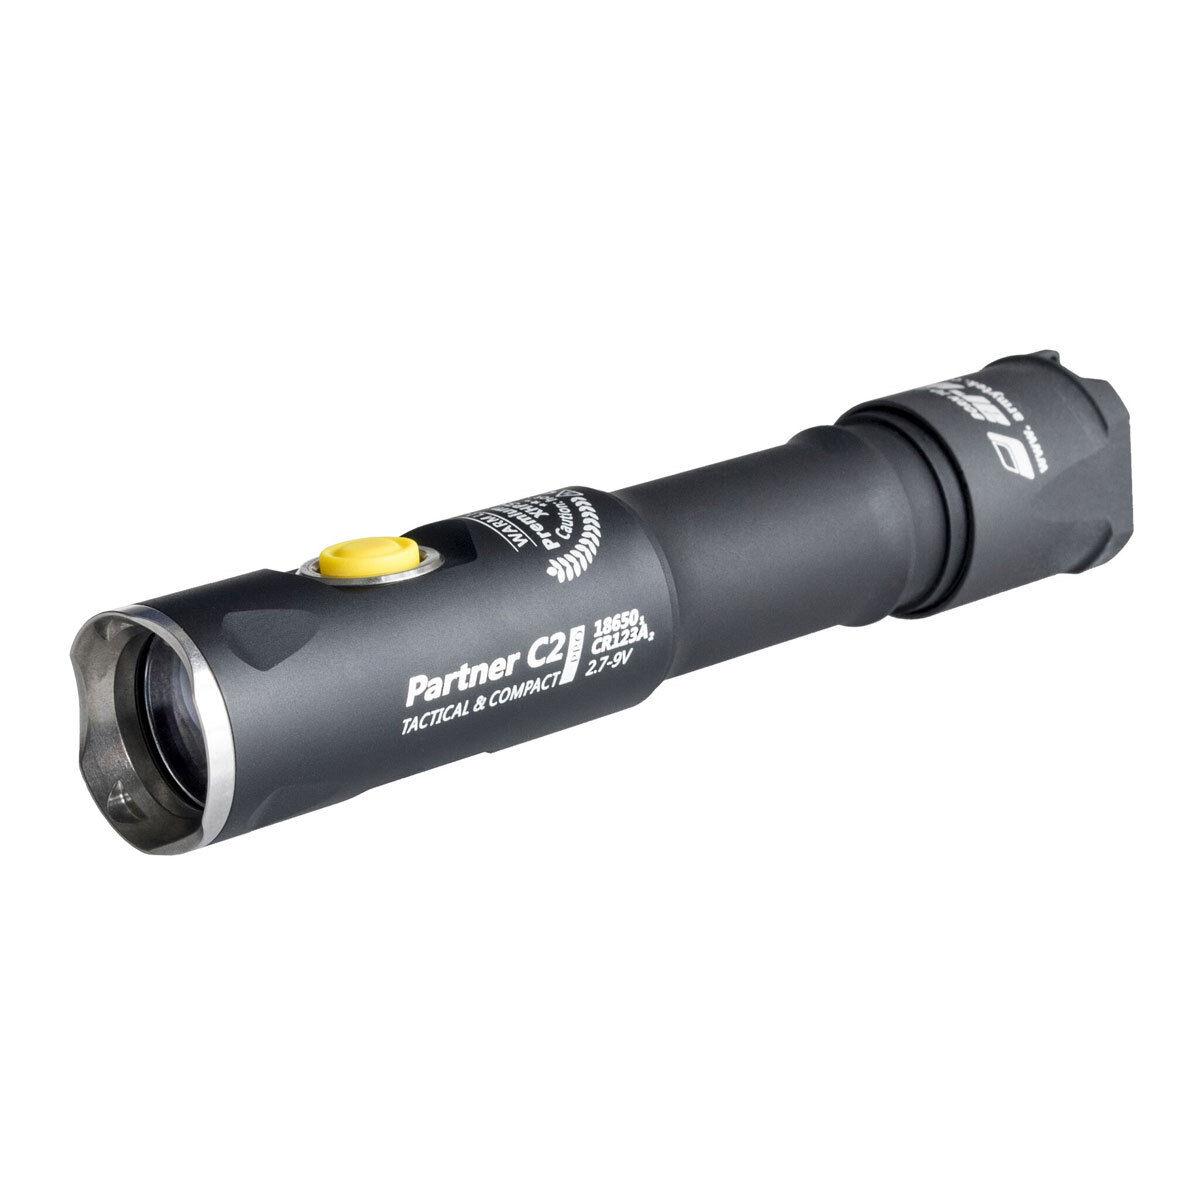 Armytek Partner c2 Pro xhp35 (Bianco) - 2100 Lumen LED Torcia